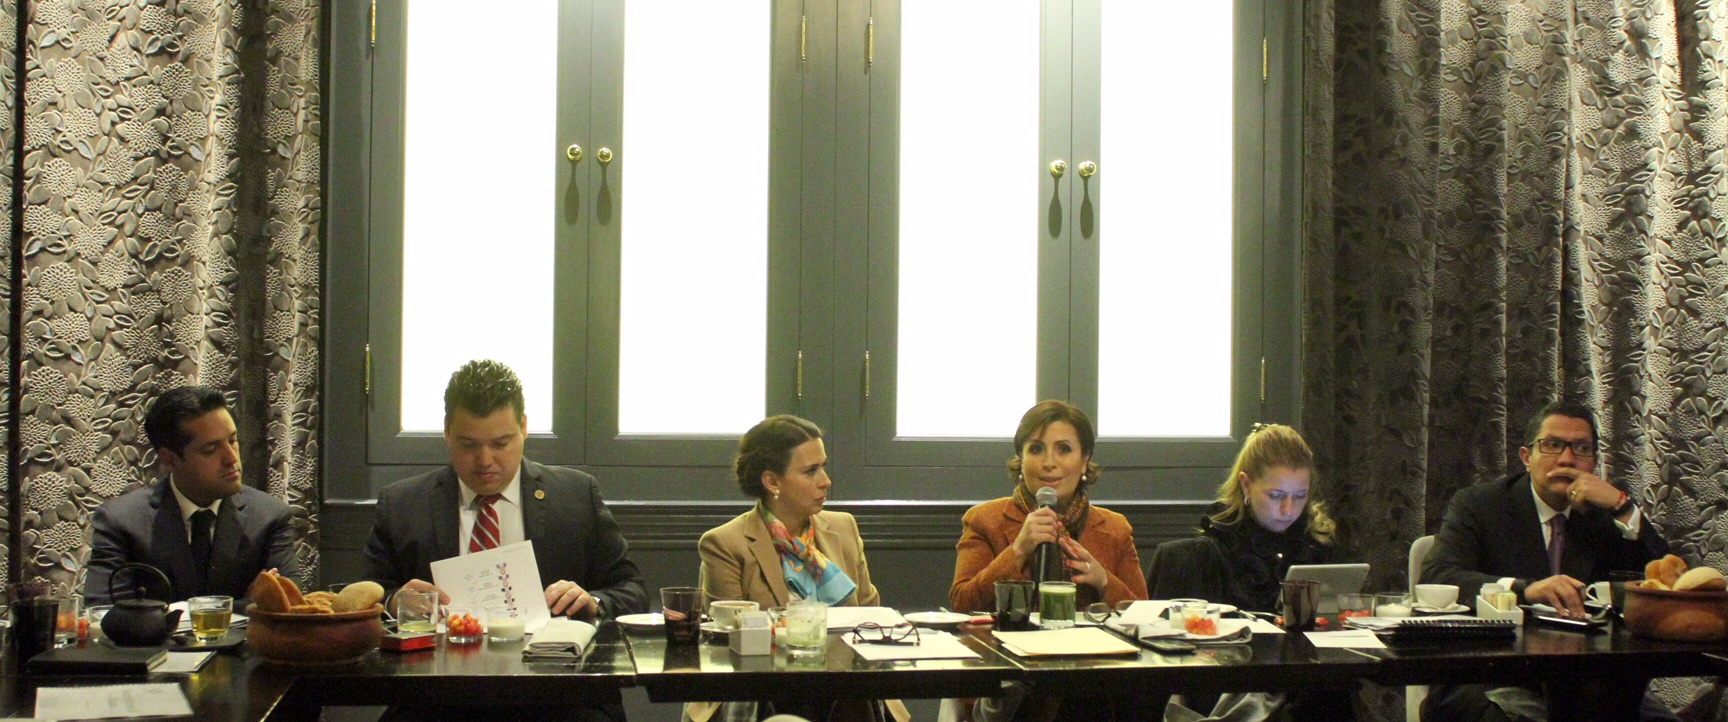 La titular de la SEDATU, Rosario Robles, sentada alrededor de una amplia mesa con integrantes de la Comisión de Vivienda de la Cámara de Diputados, para discutir temas de la agenda de la Secretaría.